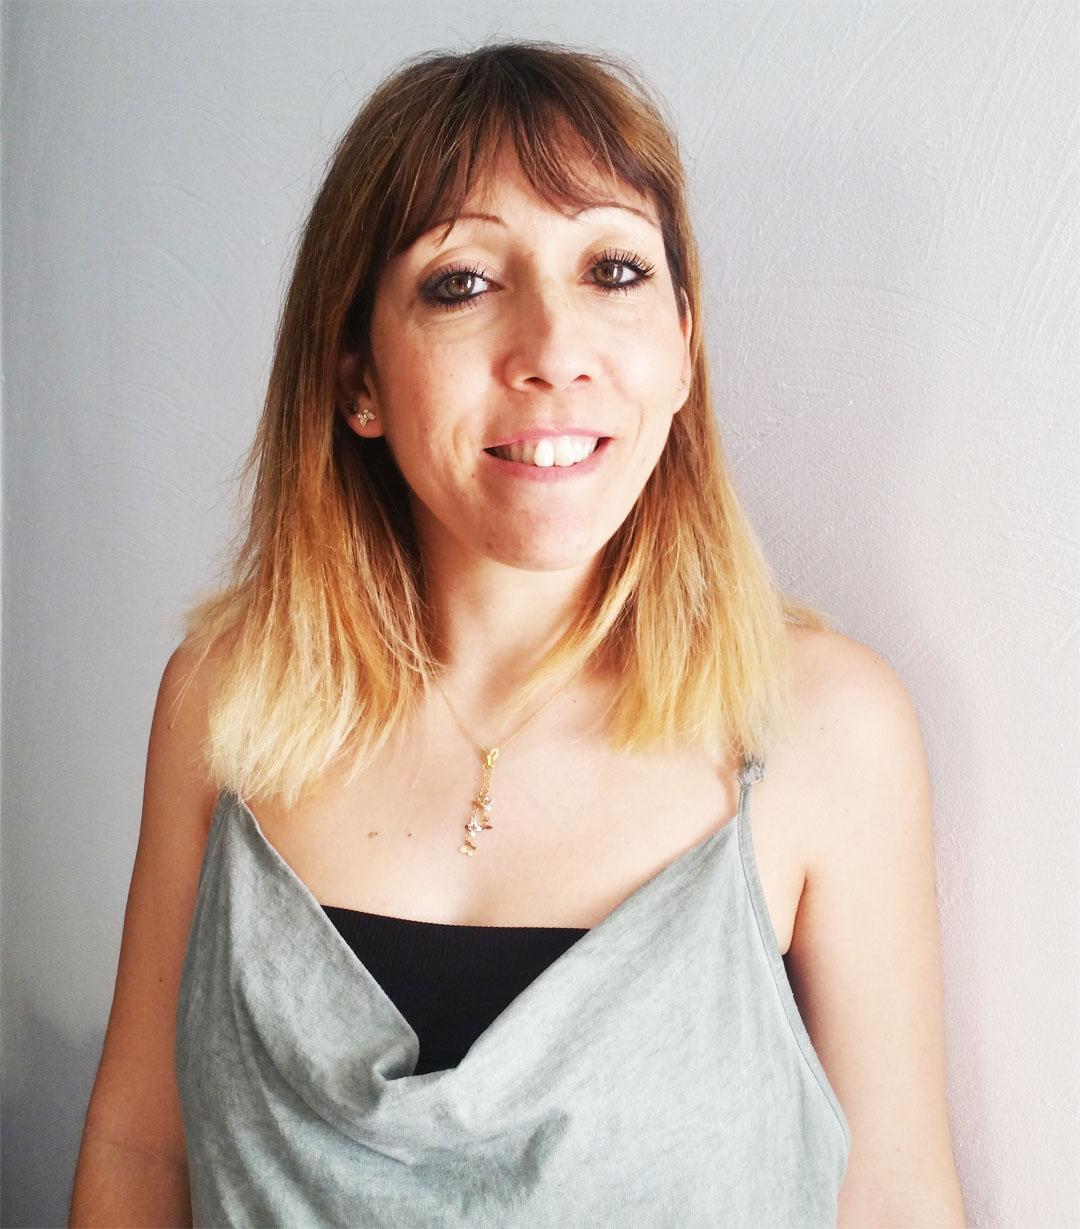 Rêves de Fil création personnalisée couture créatrice Mireille Oudart